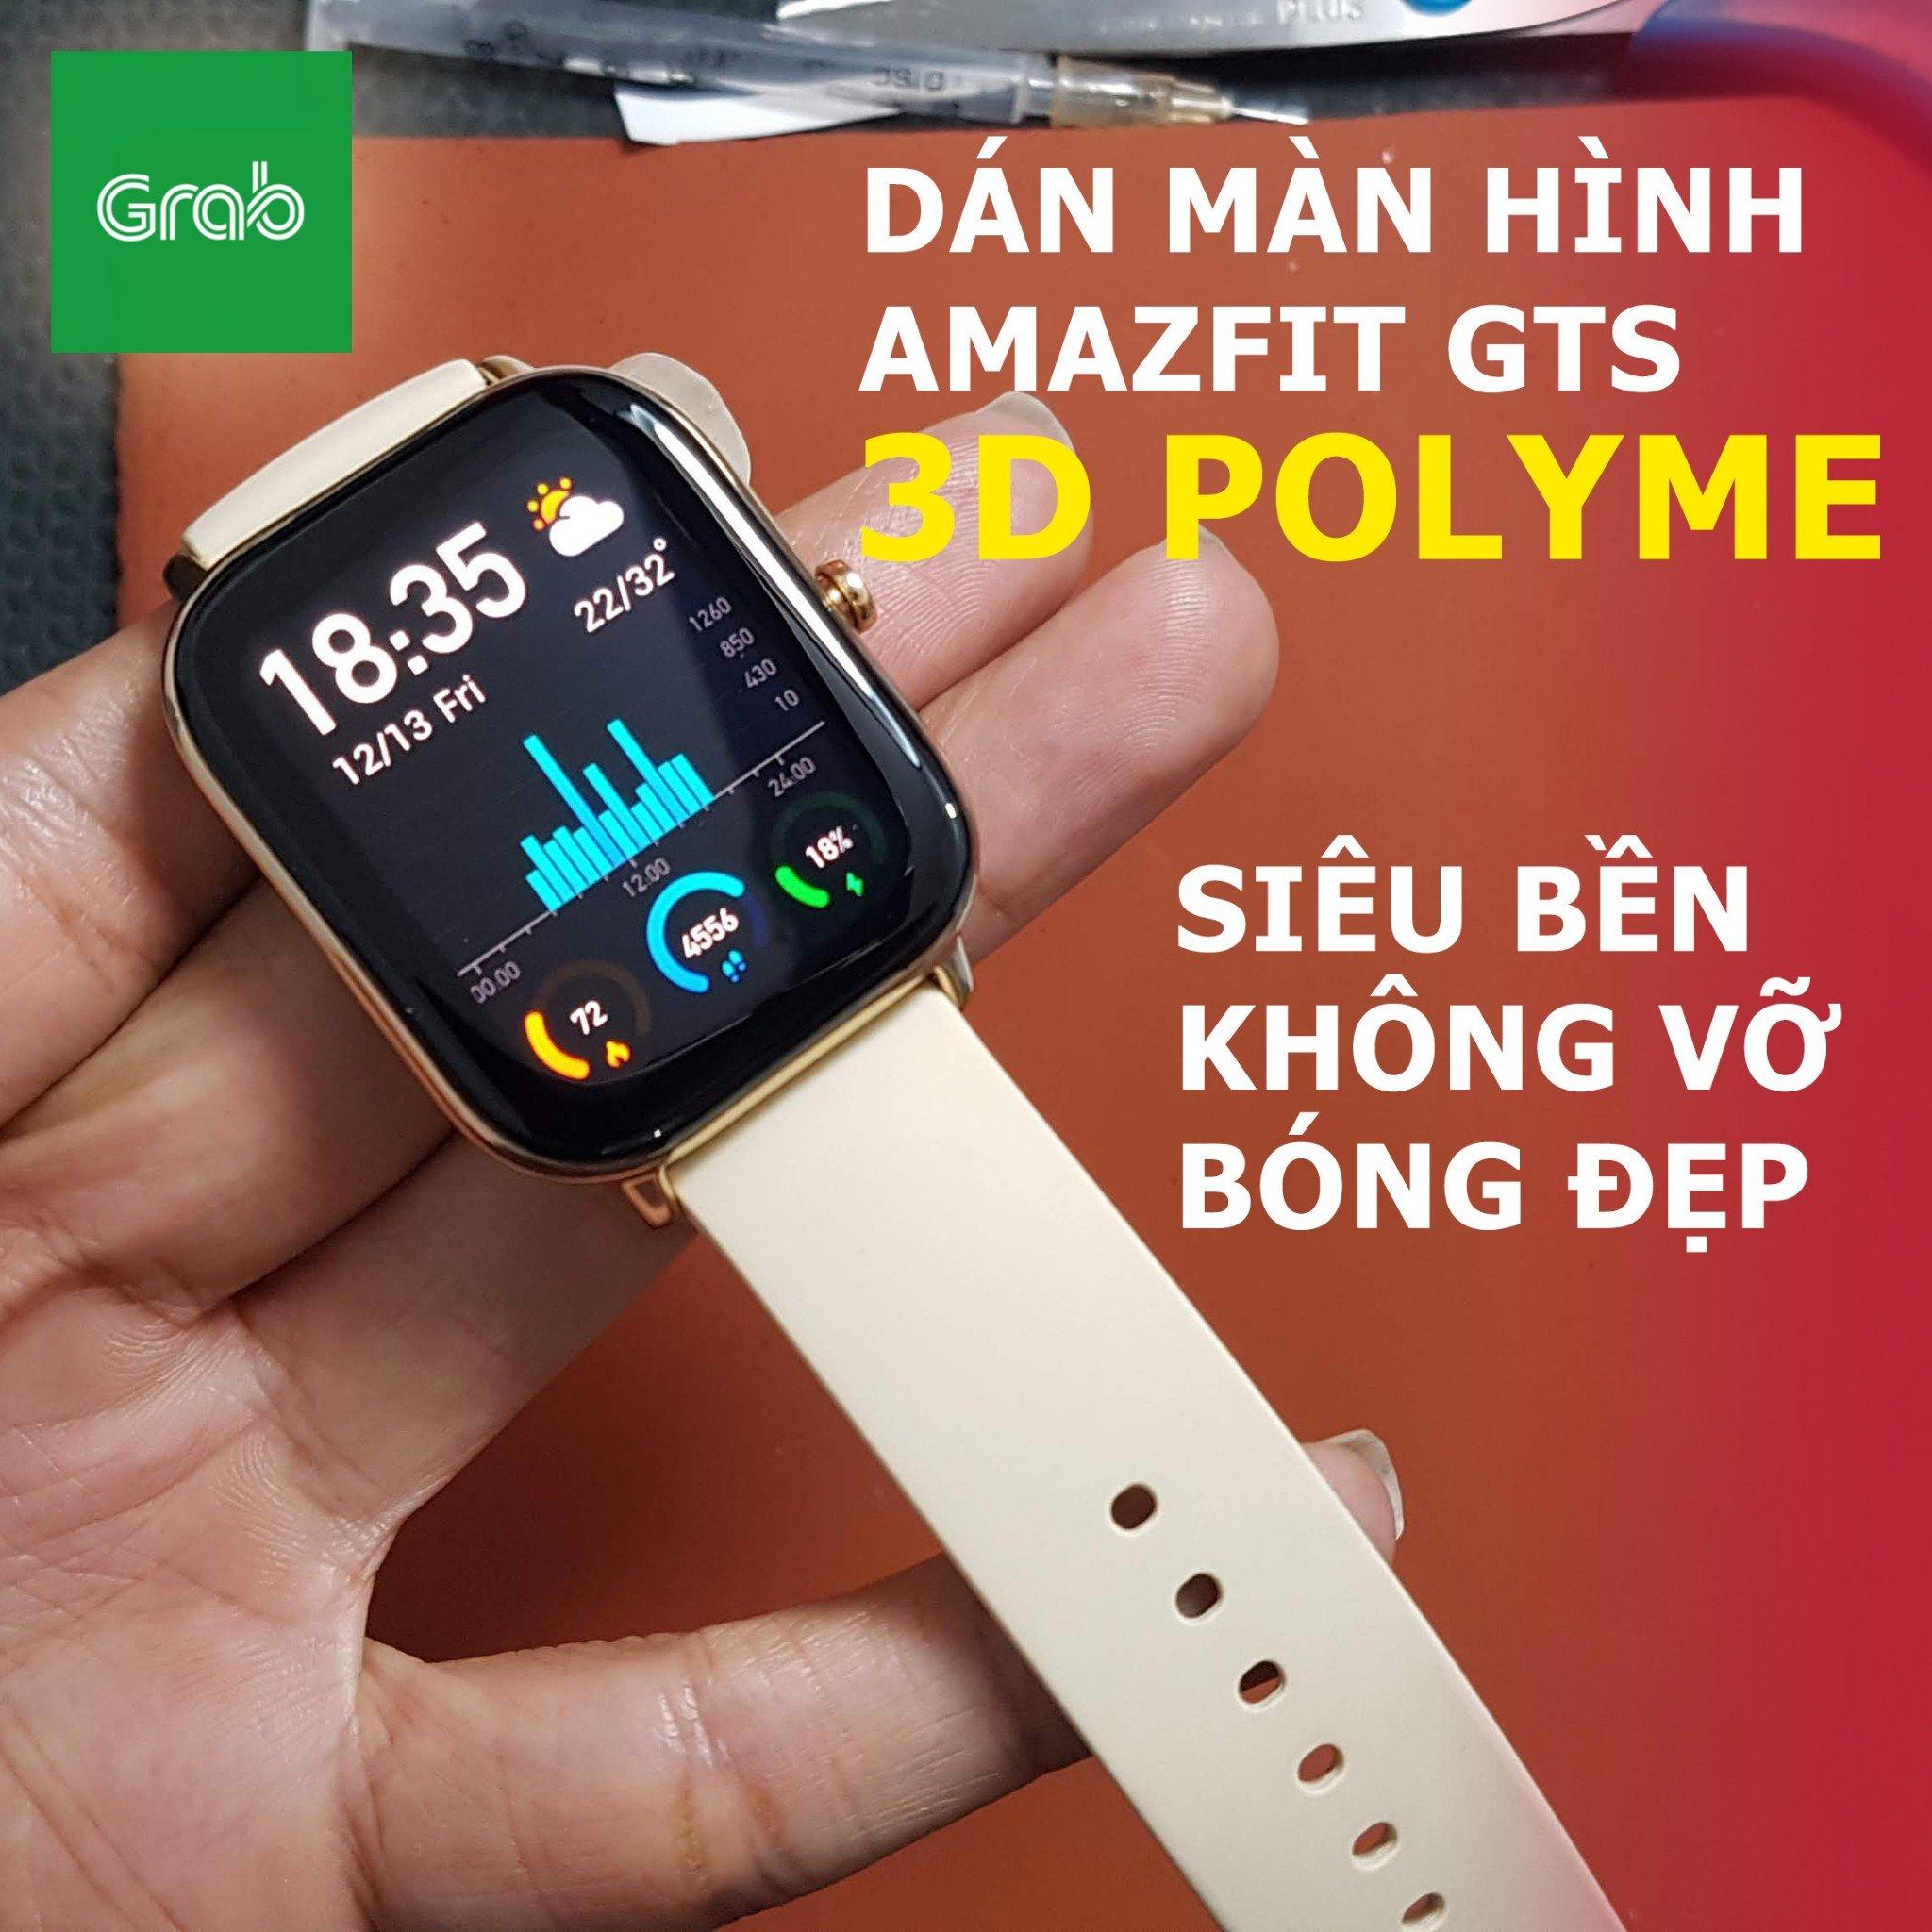 Miếng dán cường lực dẻo Polyme dành cho đồng hồ Xiaomi Amazfit GTS